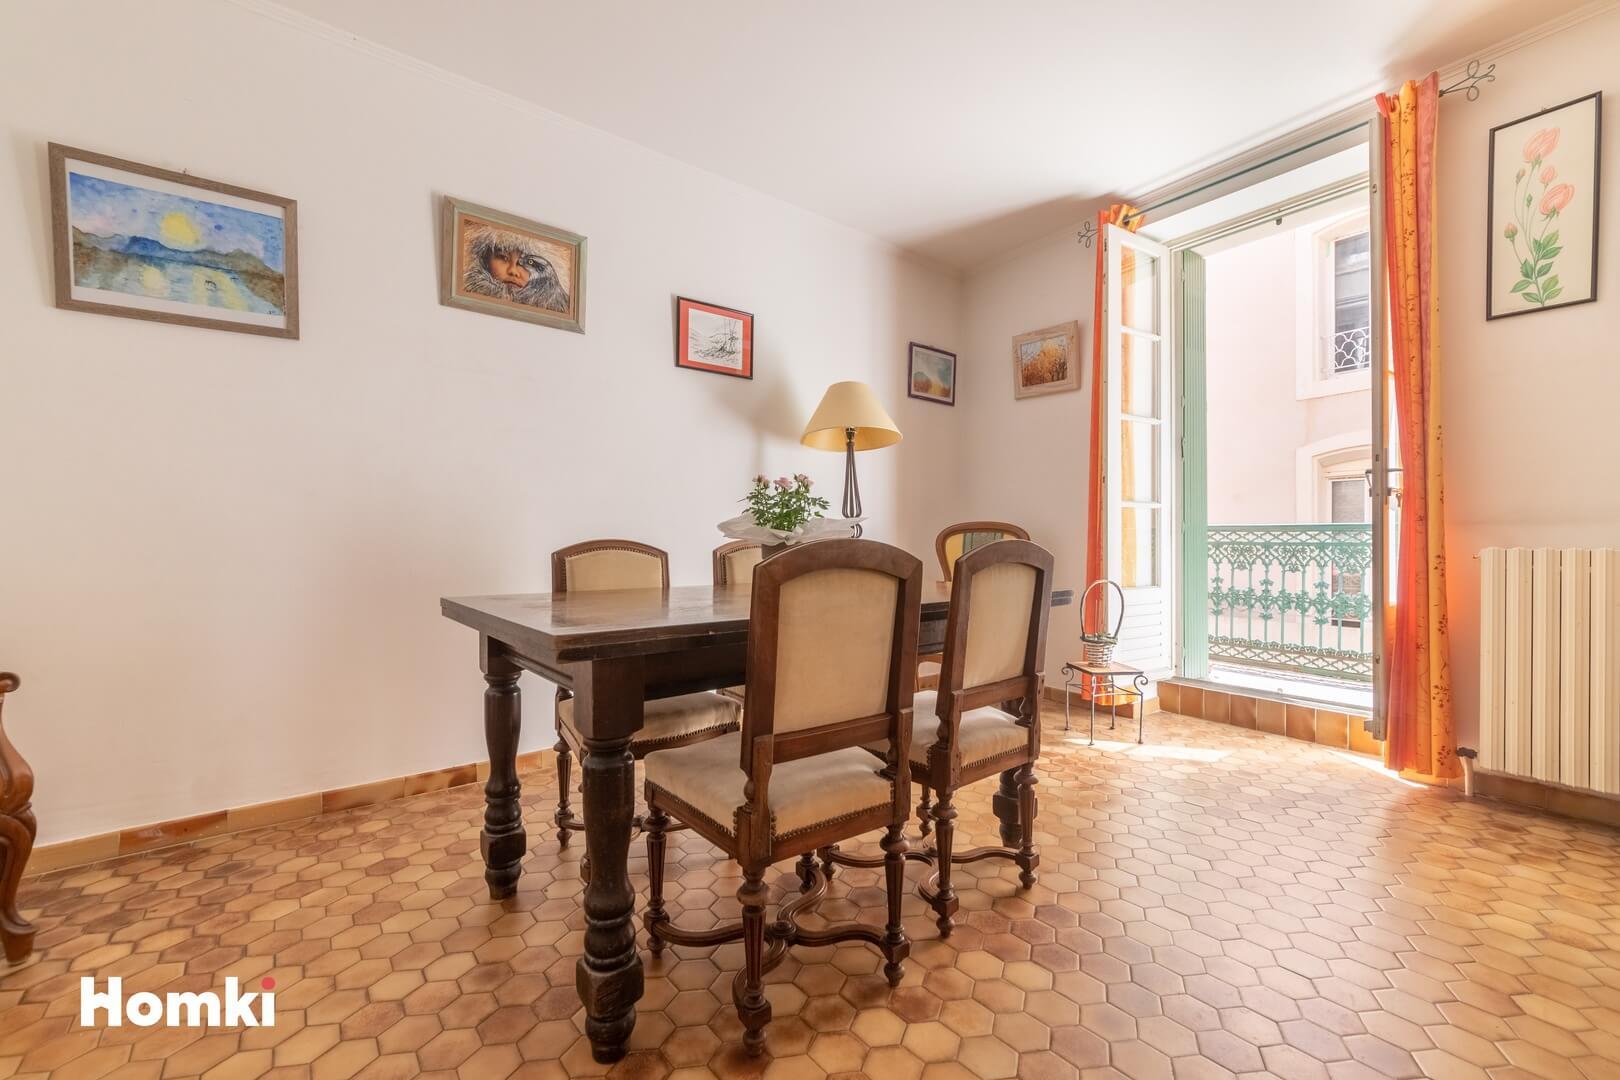 Homki - Vente appartement  de 200.0 m² à Orange 84100